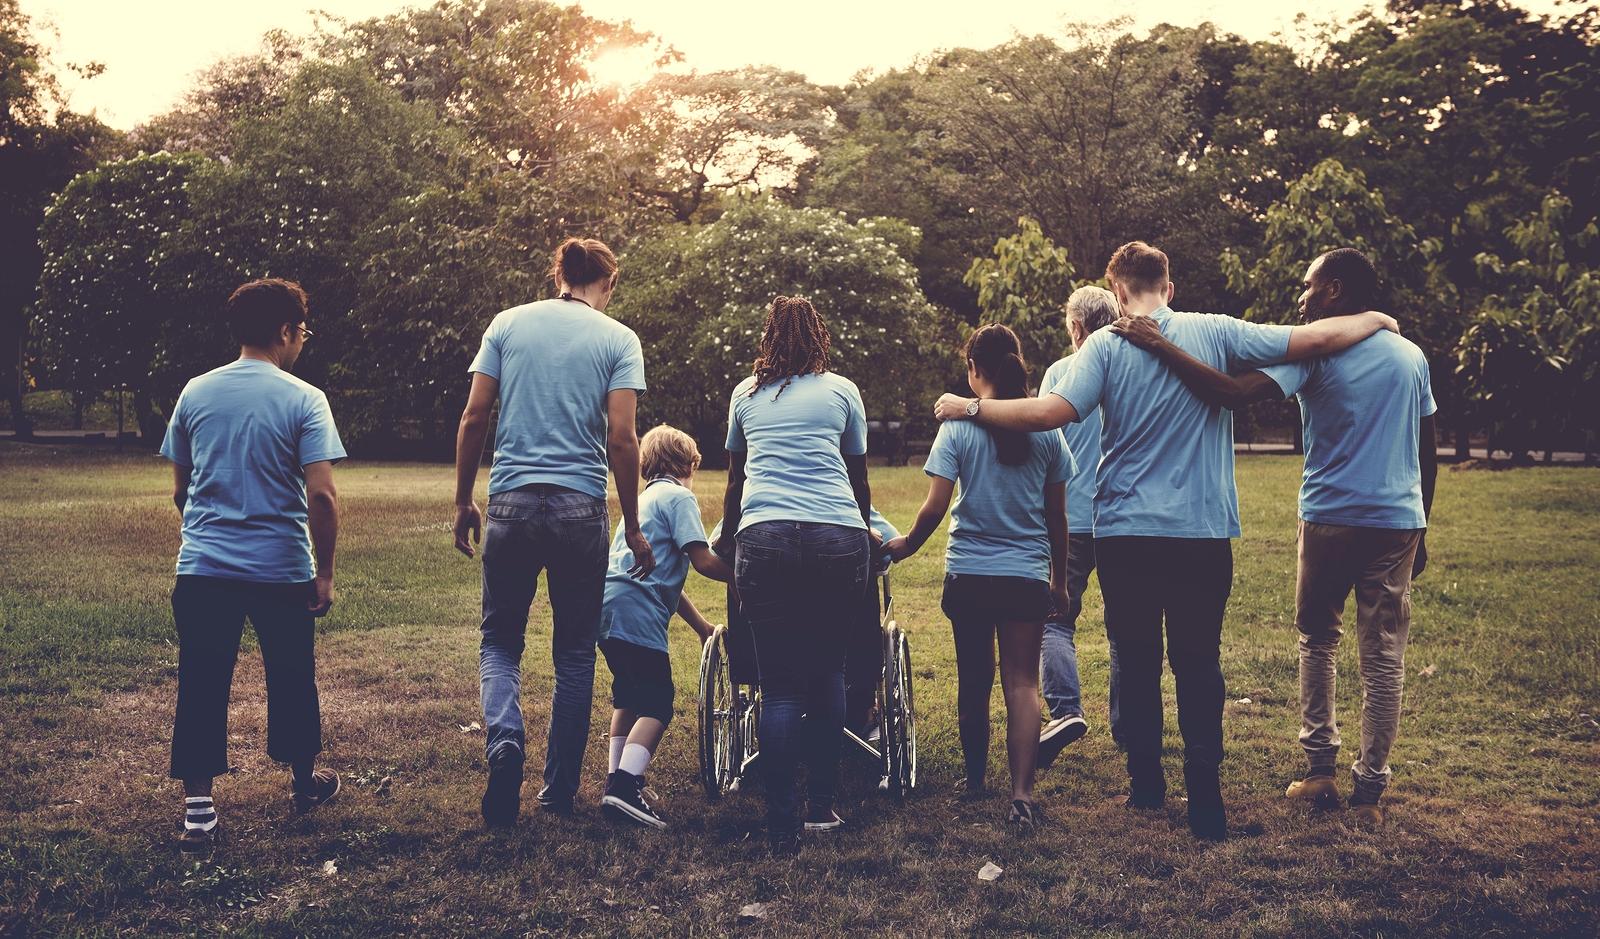 bigstock-Group-of-Diversity-People-Volu-184396834.jpg